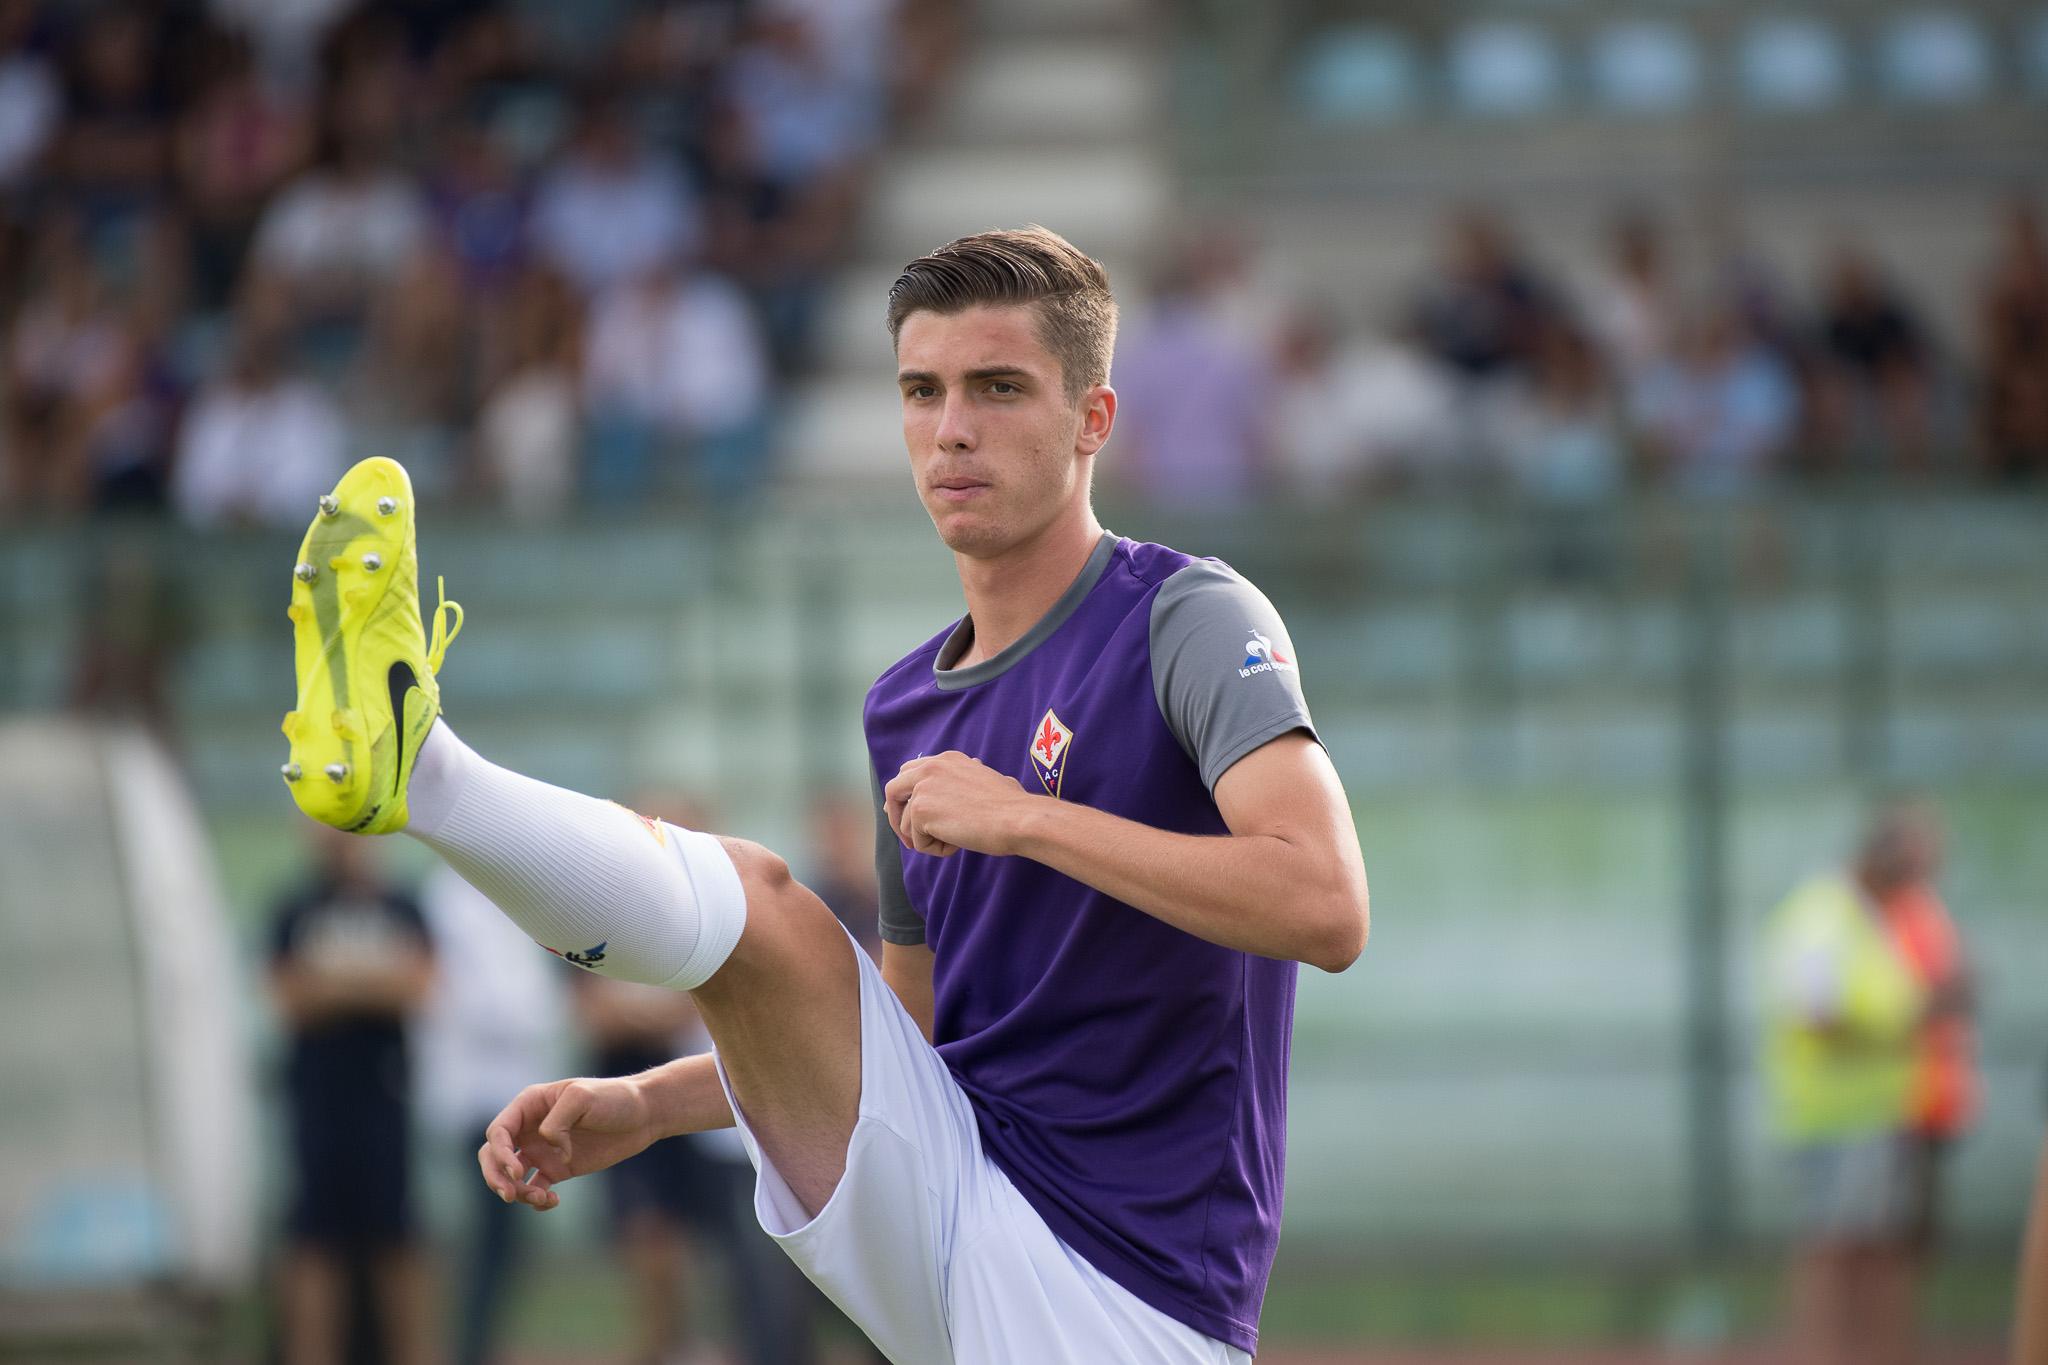 La Fiorentina ha i suoi intoccabili, ecco tutti i calciatori e il loro impiego. Mai visti Hagi, Lo Faso e Milenkovic